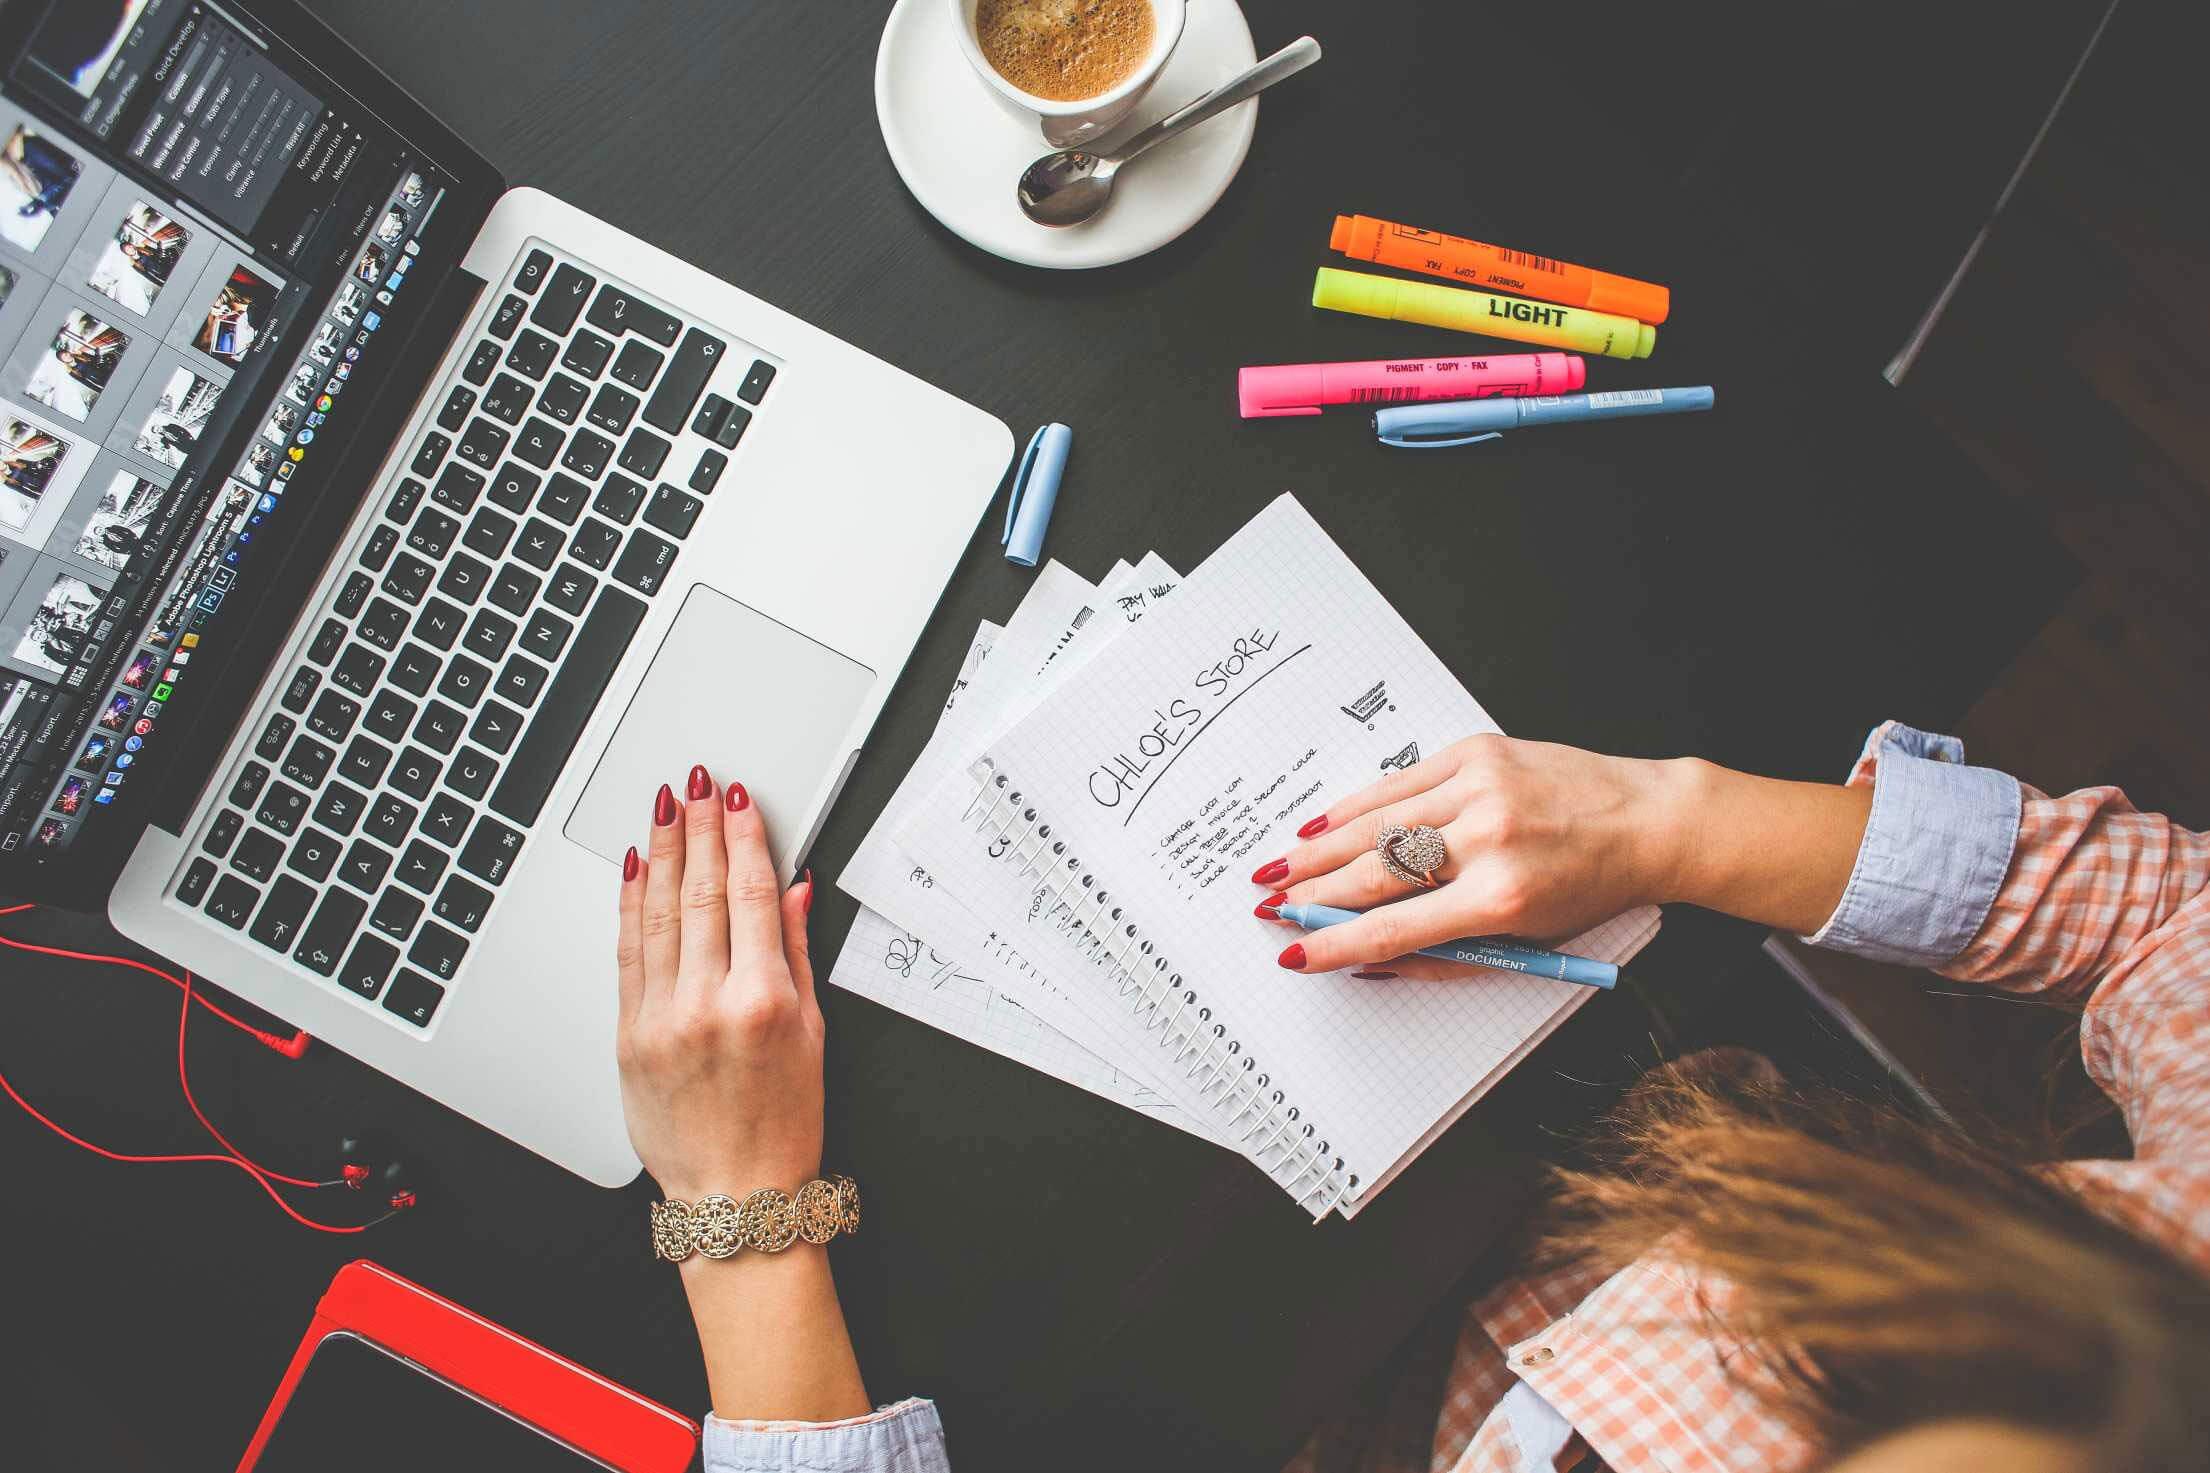 چگونه اطلاعات مشتریان روی برندینگ شما تاثیر می گذارد؟ + 3 راهکار